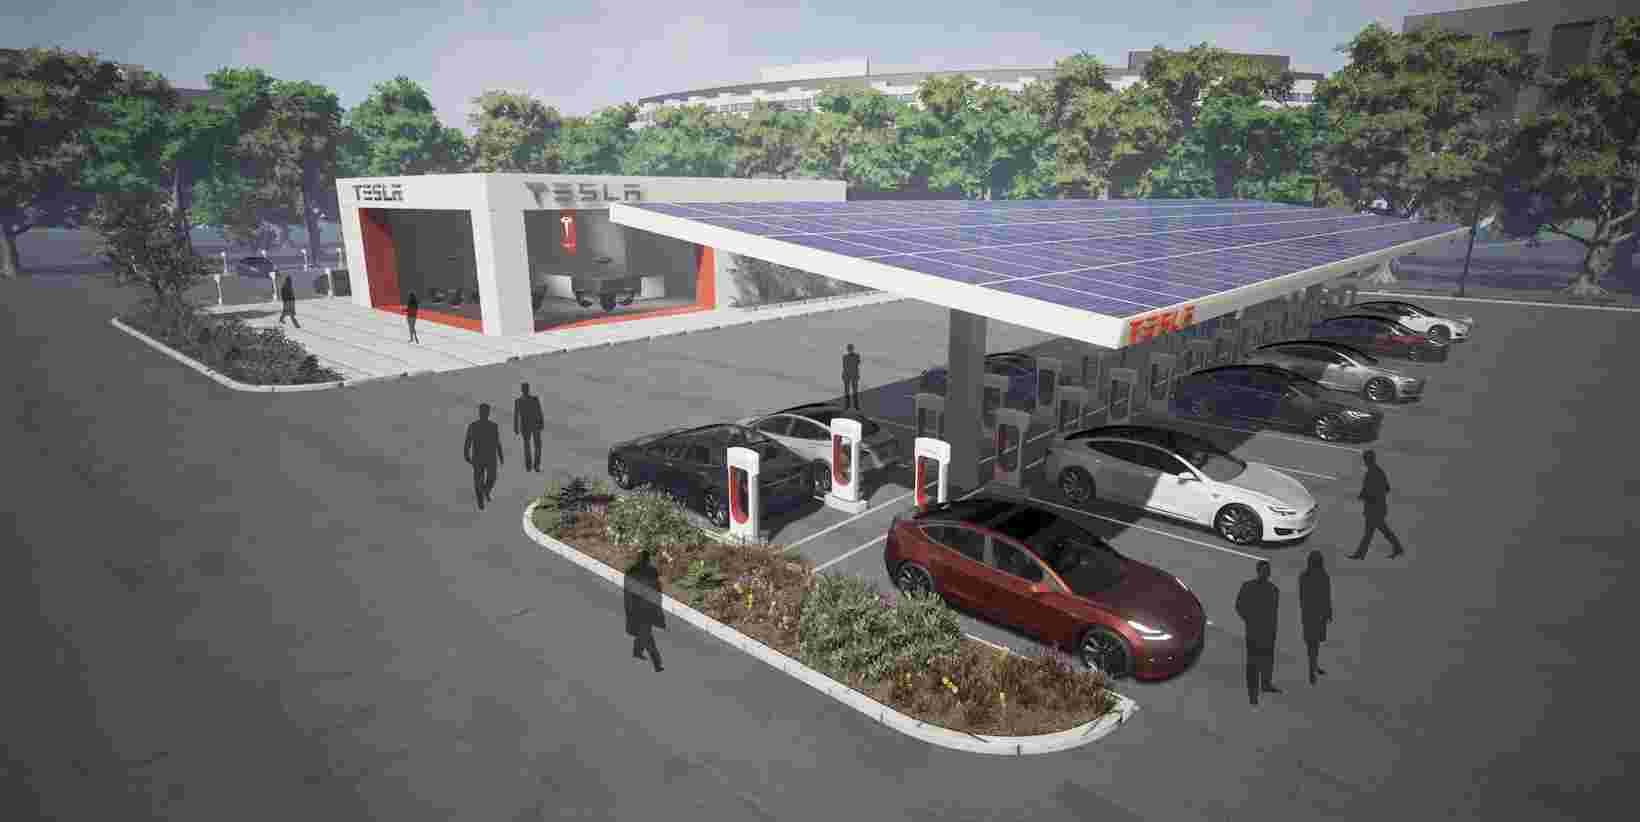 特斯拉德国电池工厂预计将创造1万个就业岗位